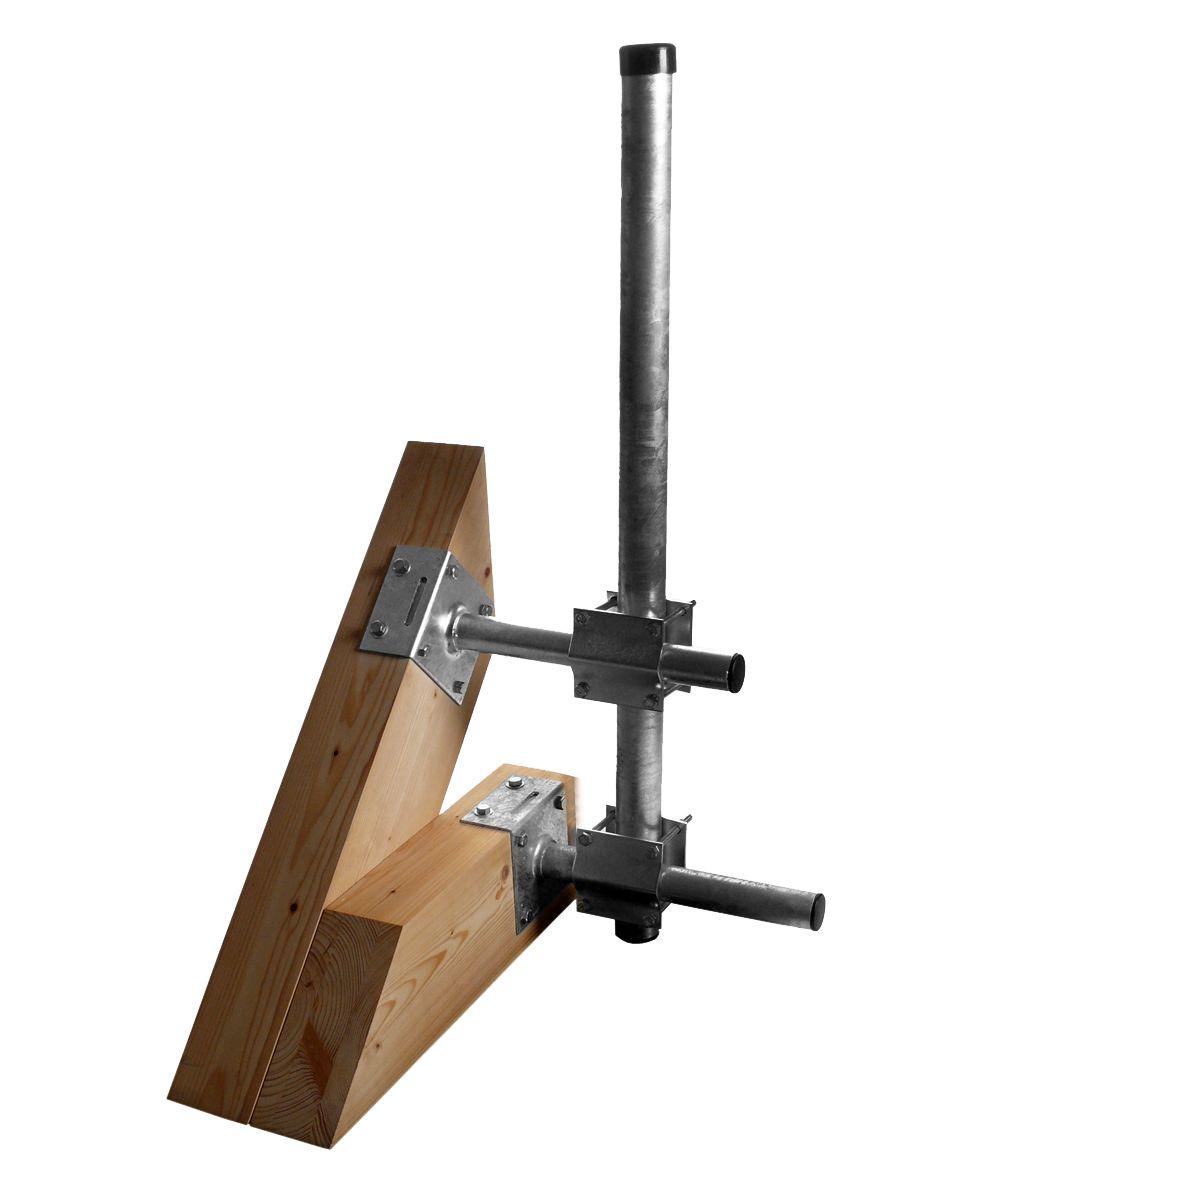 1 Stk SAT Dachsparrenmontageset f. Masten bis 60mm,Vertikal, Stahl HSATMS01S-